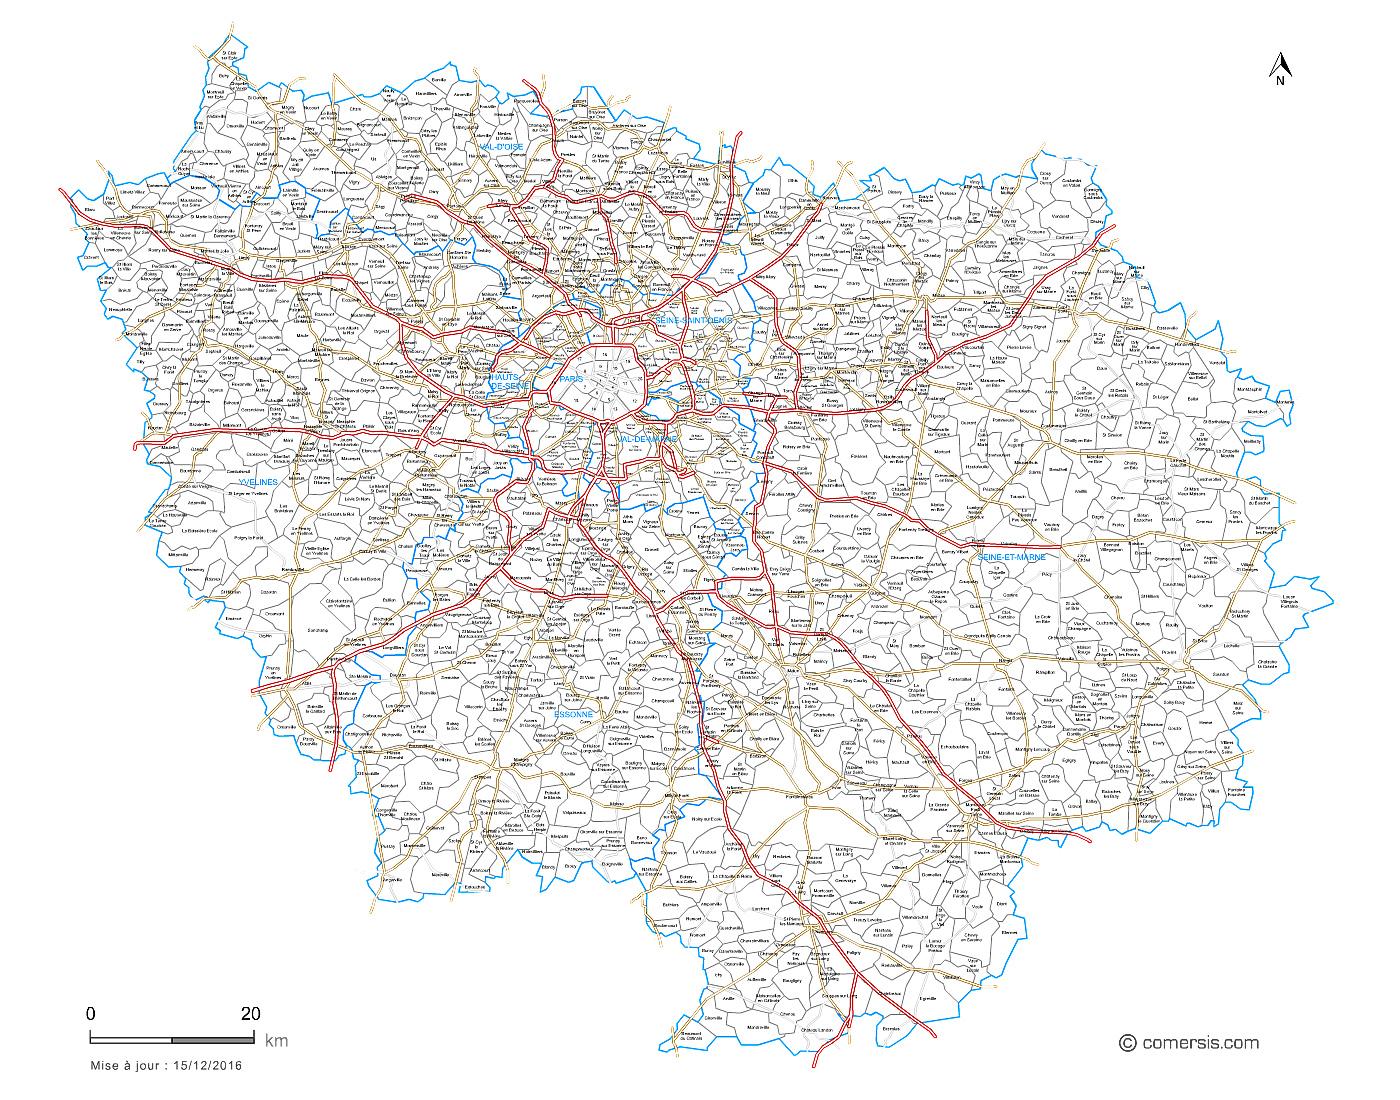 Carte des routes d'Île-de-France